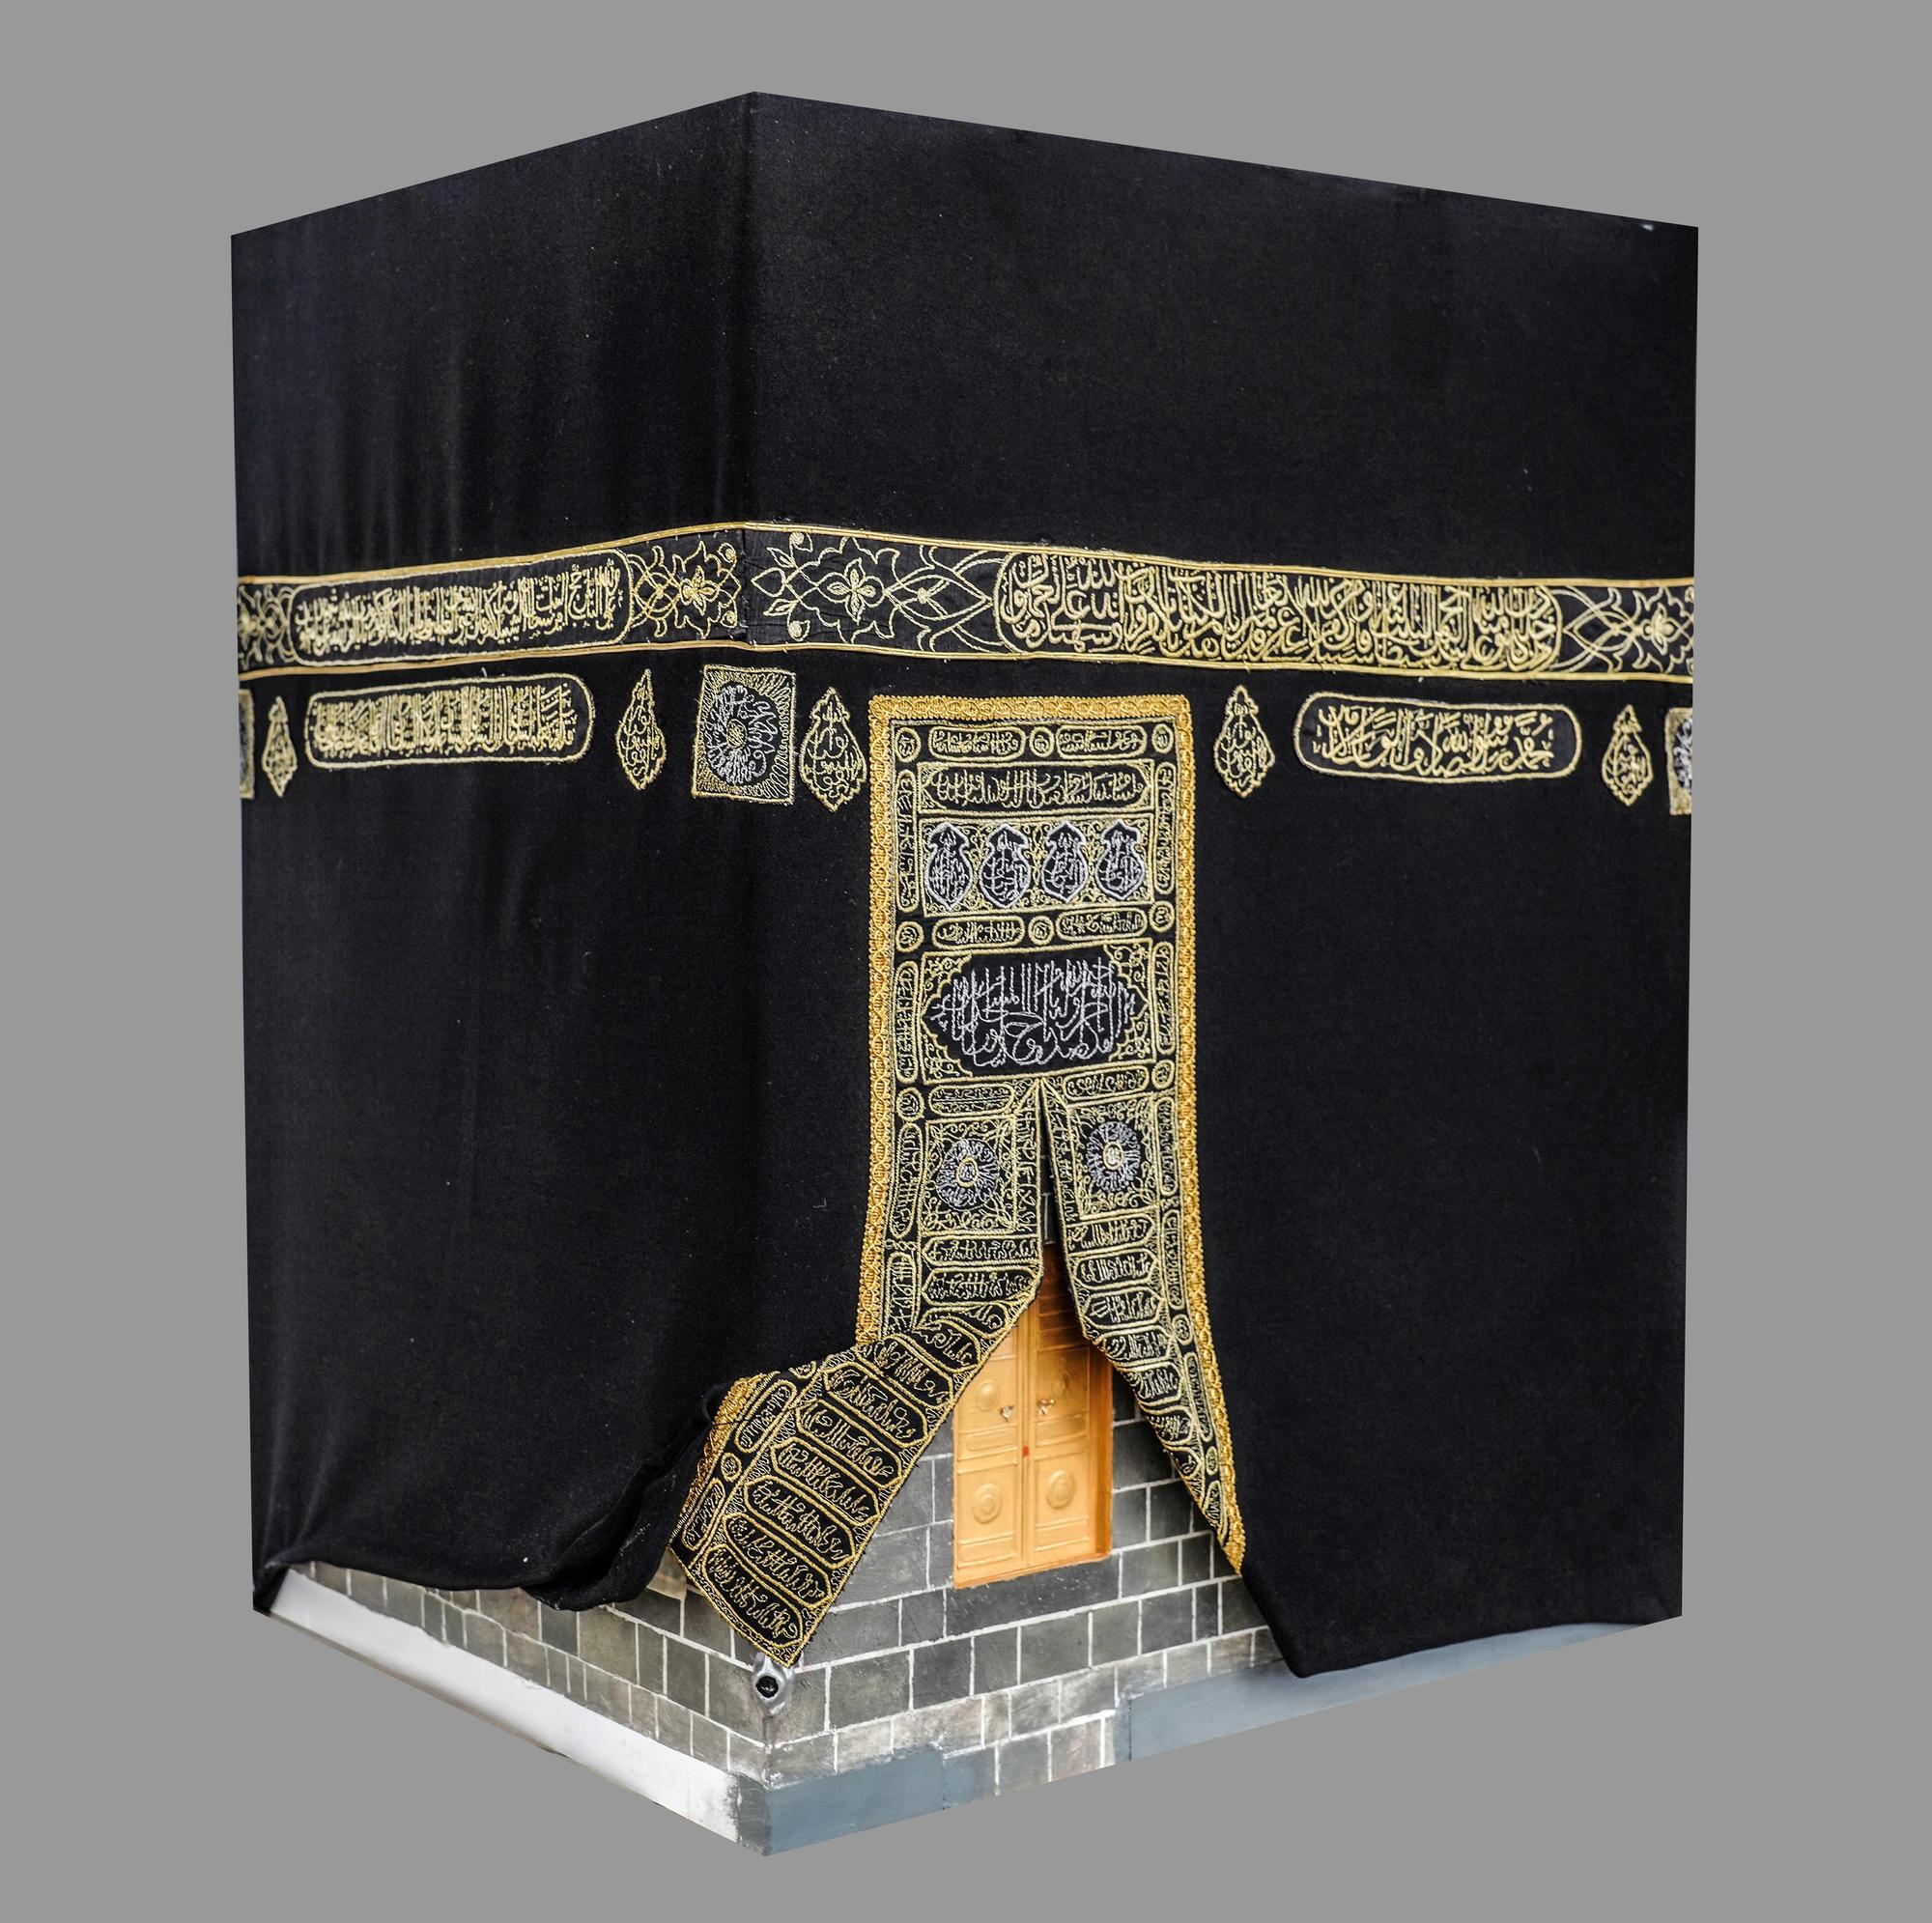 История исламской культуры в 5 музейных экспонатах